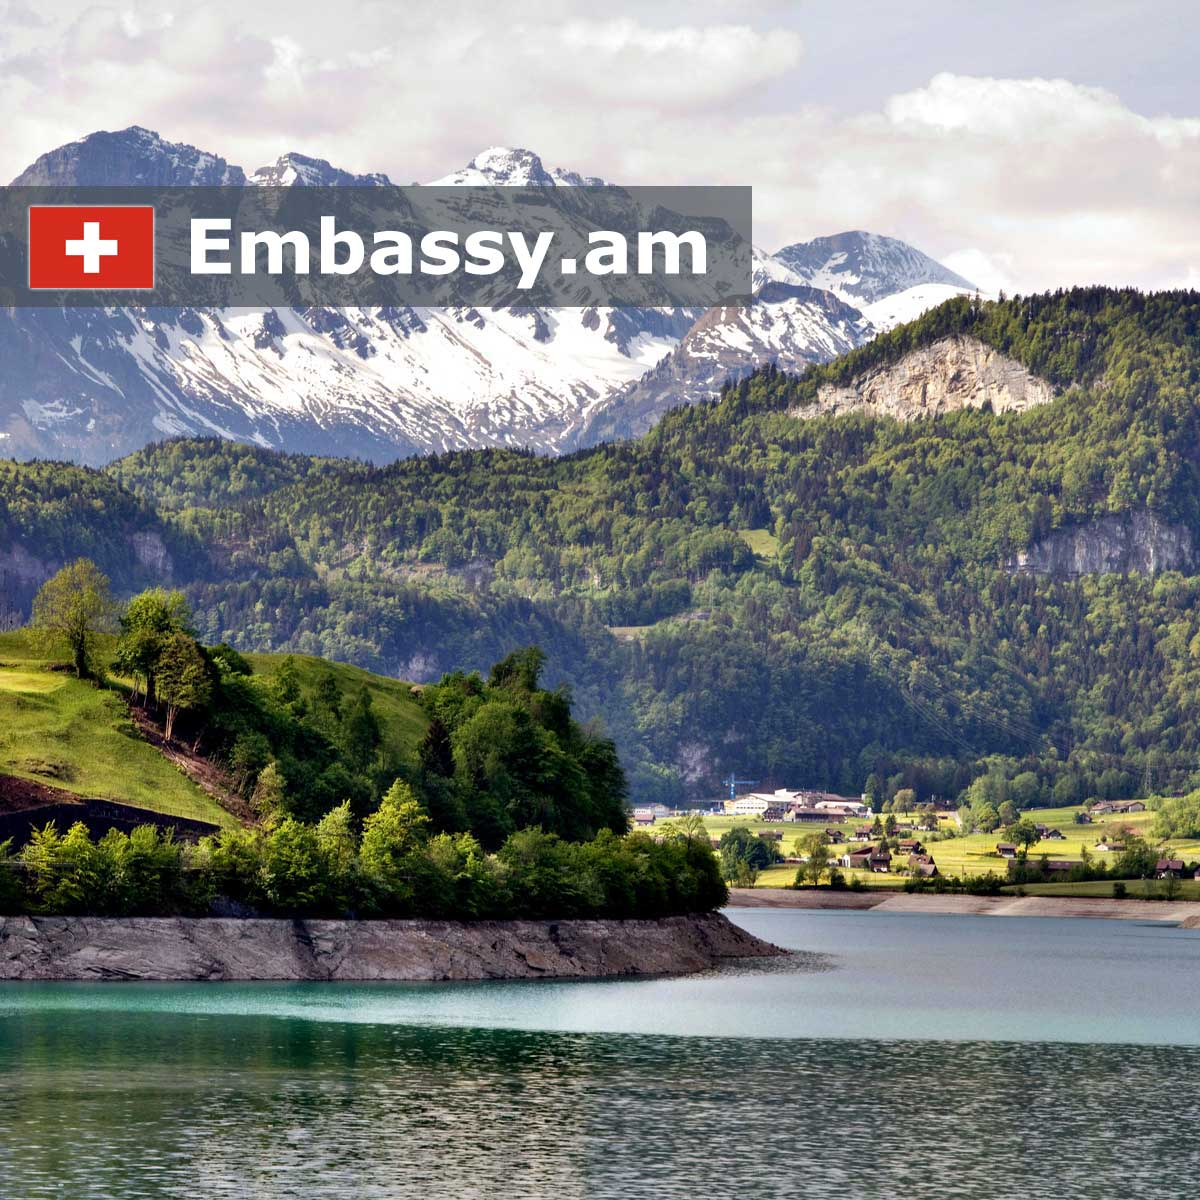 Интерлакен - Отели в Швейцарии - Embassy.am